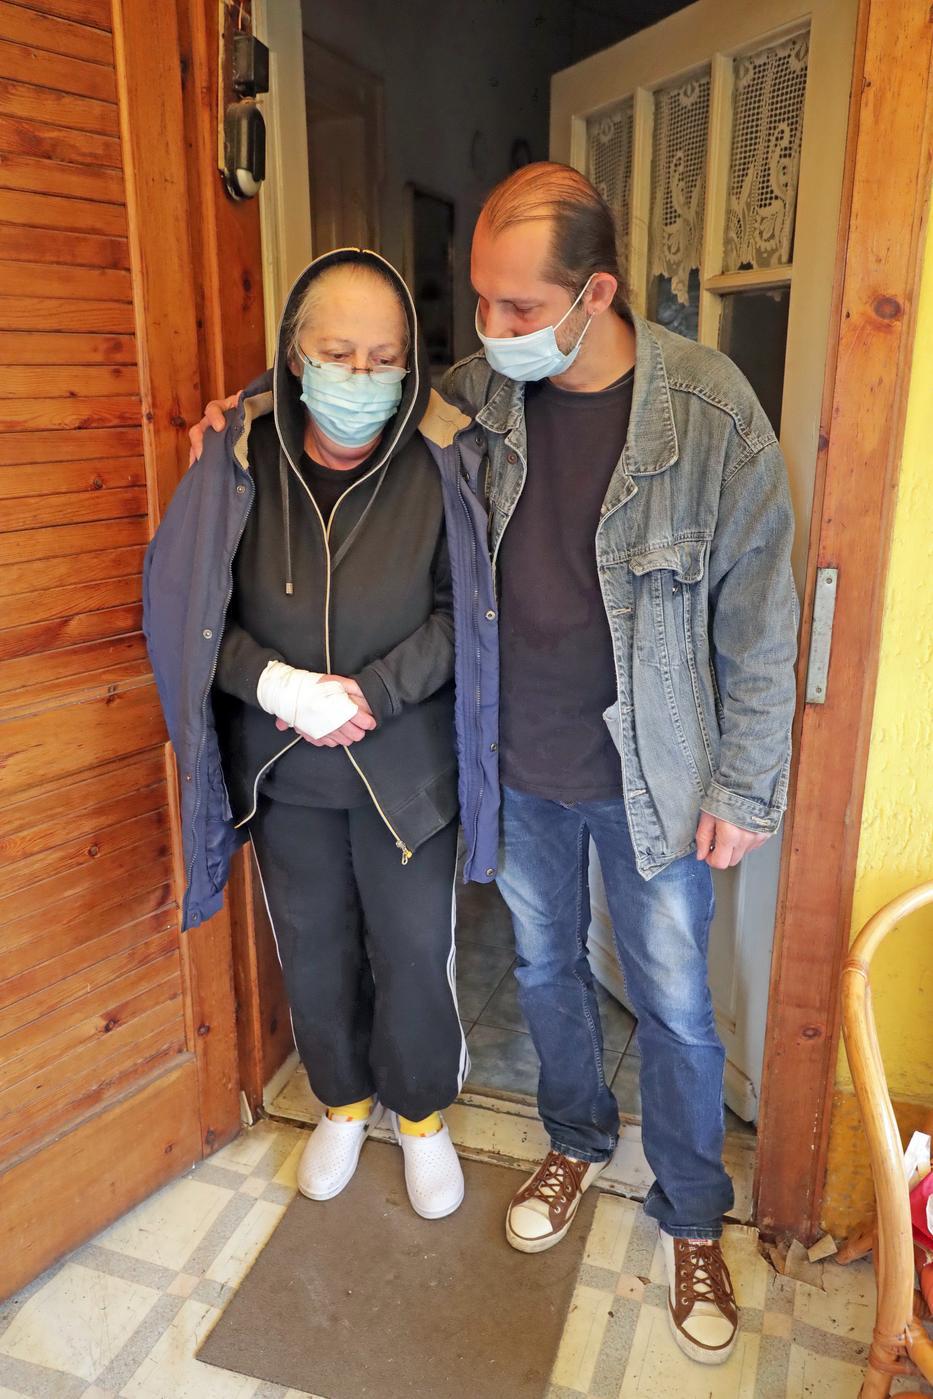 A nő fia, Csaba későn tudta meg, mennyi hitelt vett fel az anyja, bizonyítani nem tudták a csalást / Fotó: Grnák László